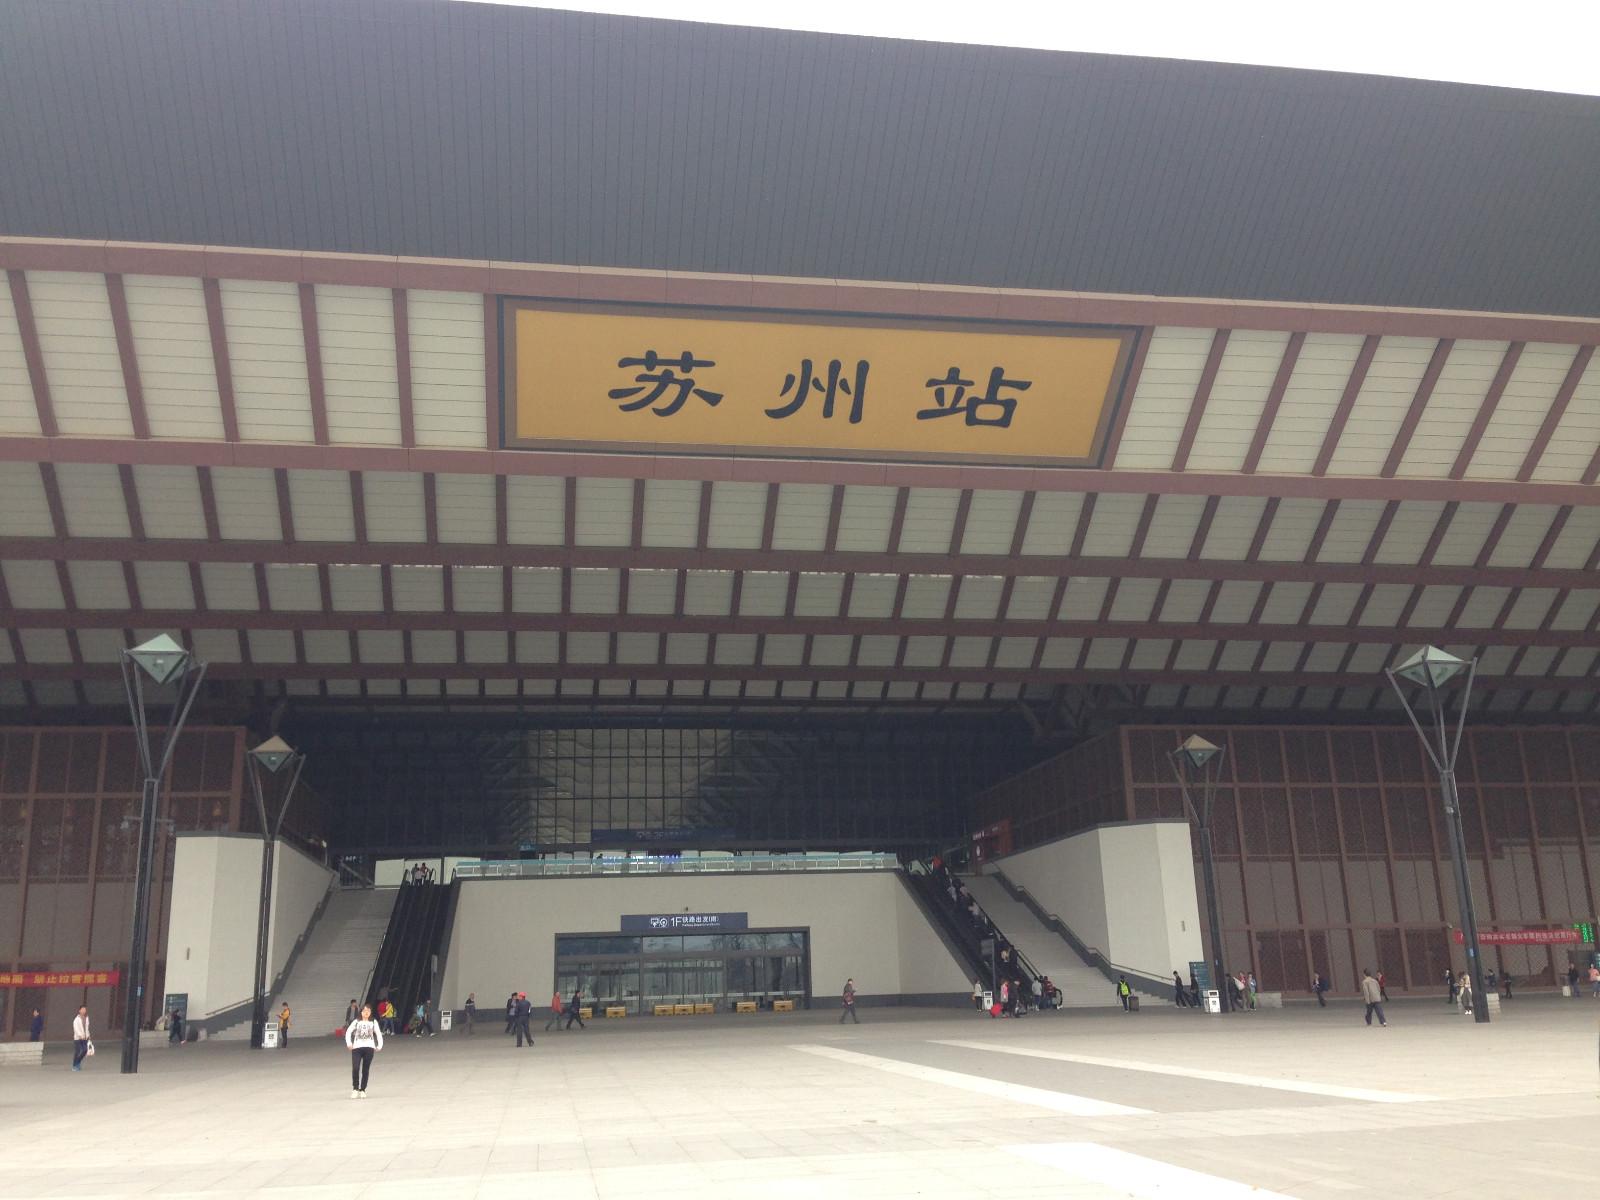 江苏宜兴高铁站_苏州高铁站是苏州哪个站_百度知道